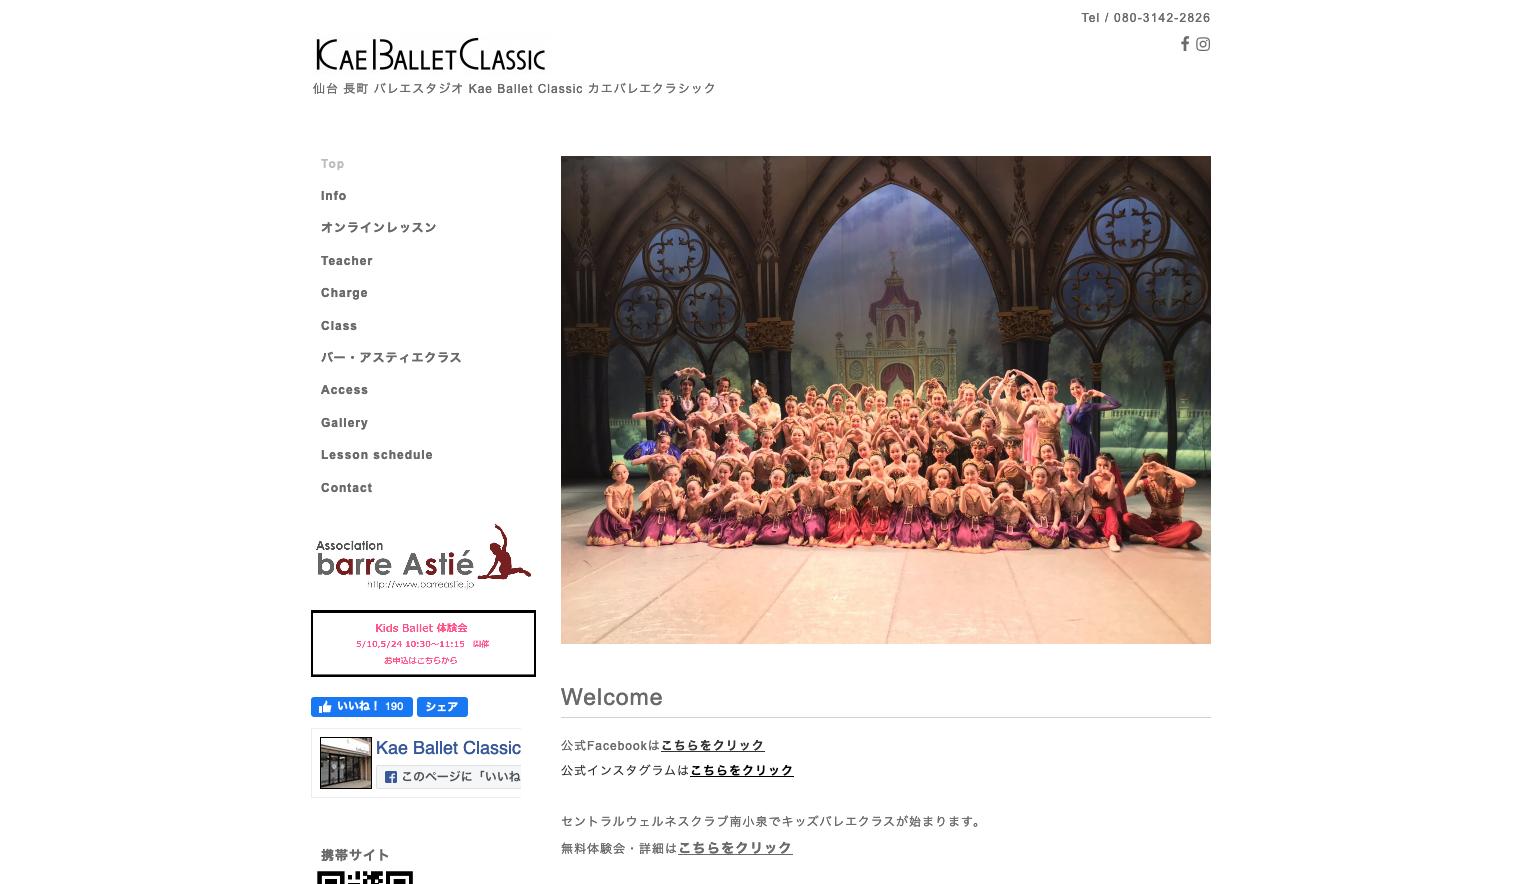 バレエスタジオ KAE Ballet Classicさんのホームページ